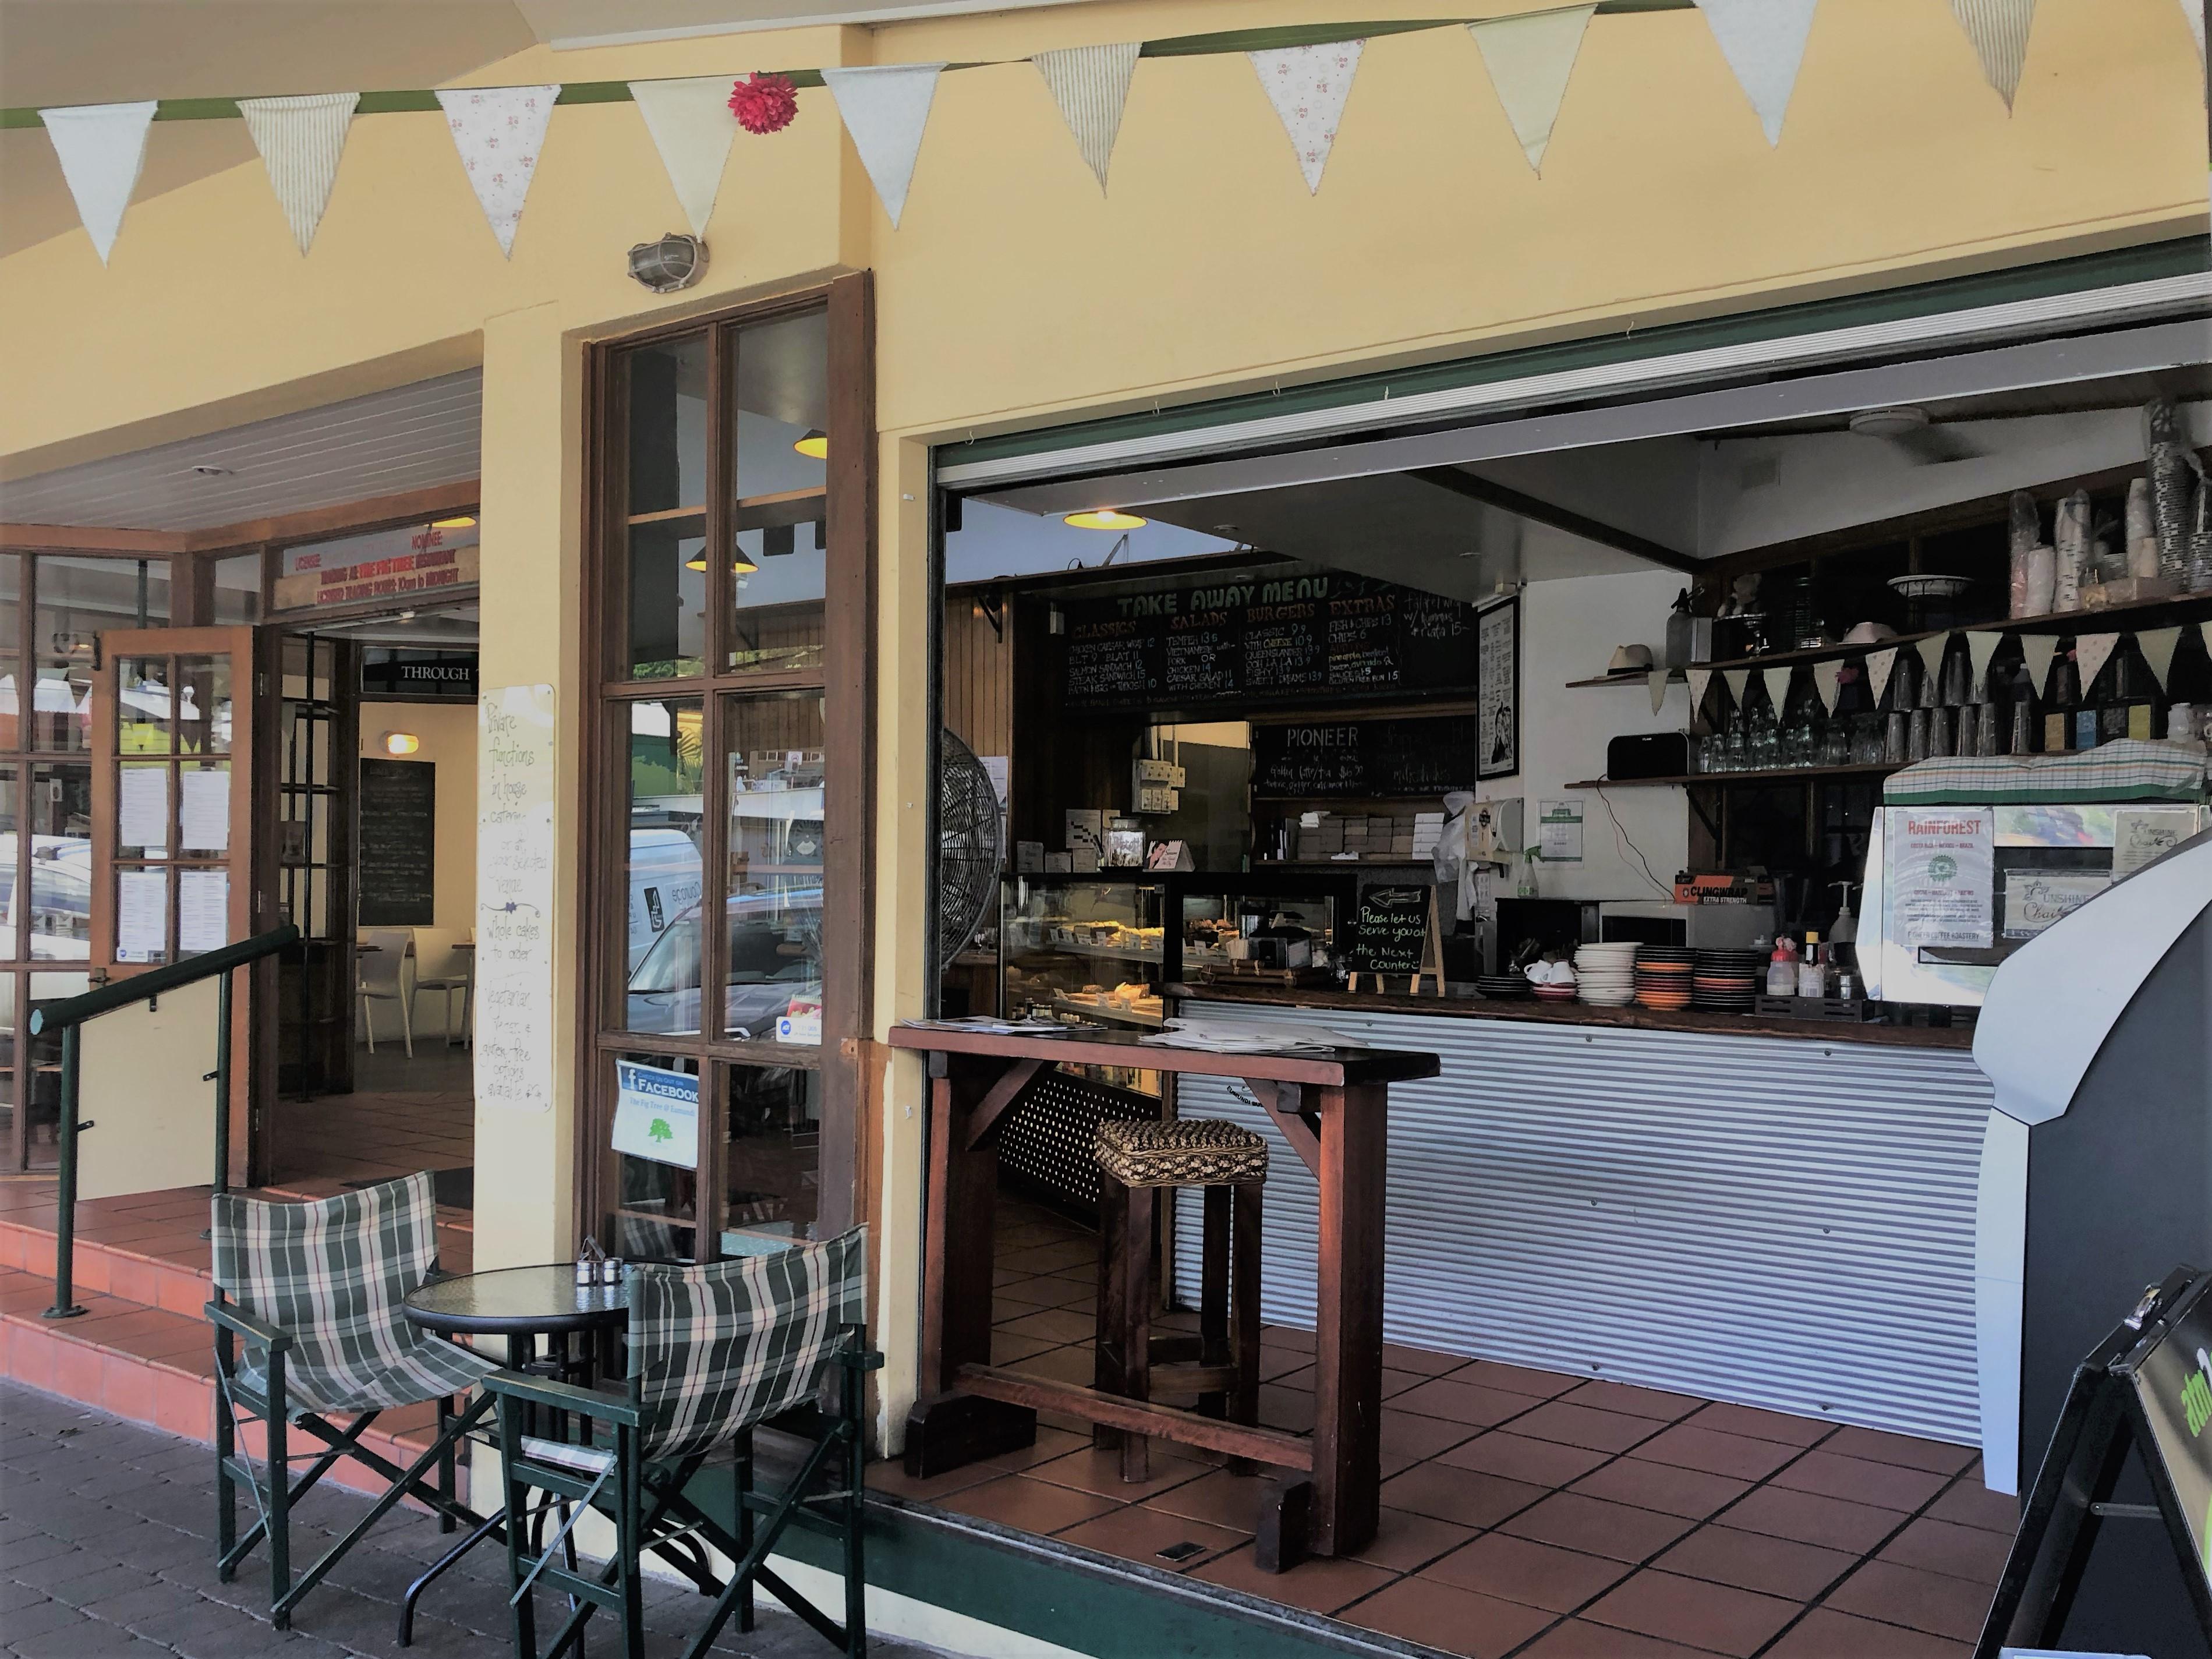 DAYTIME LICENCED CAFE - HIGH CASH FLOW